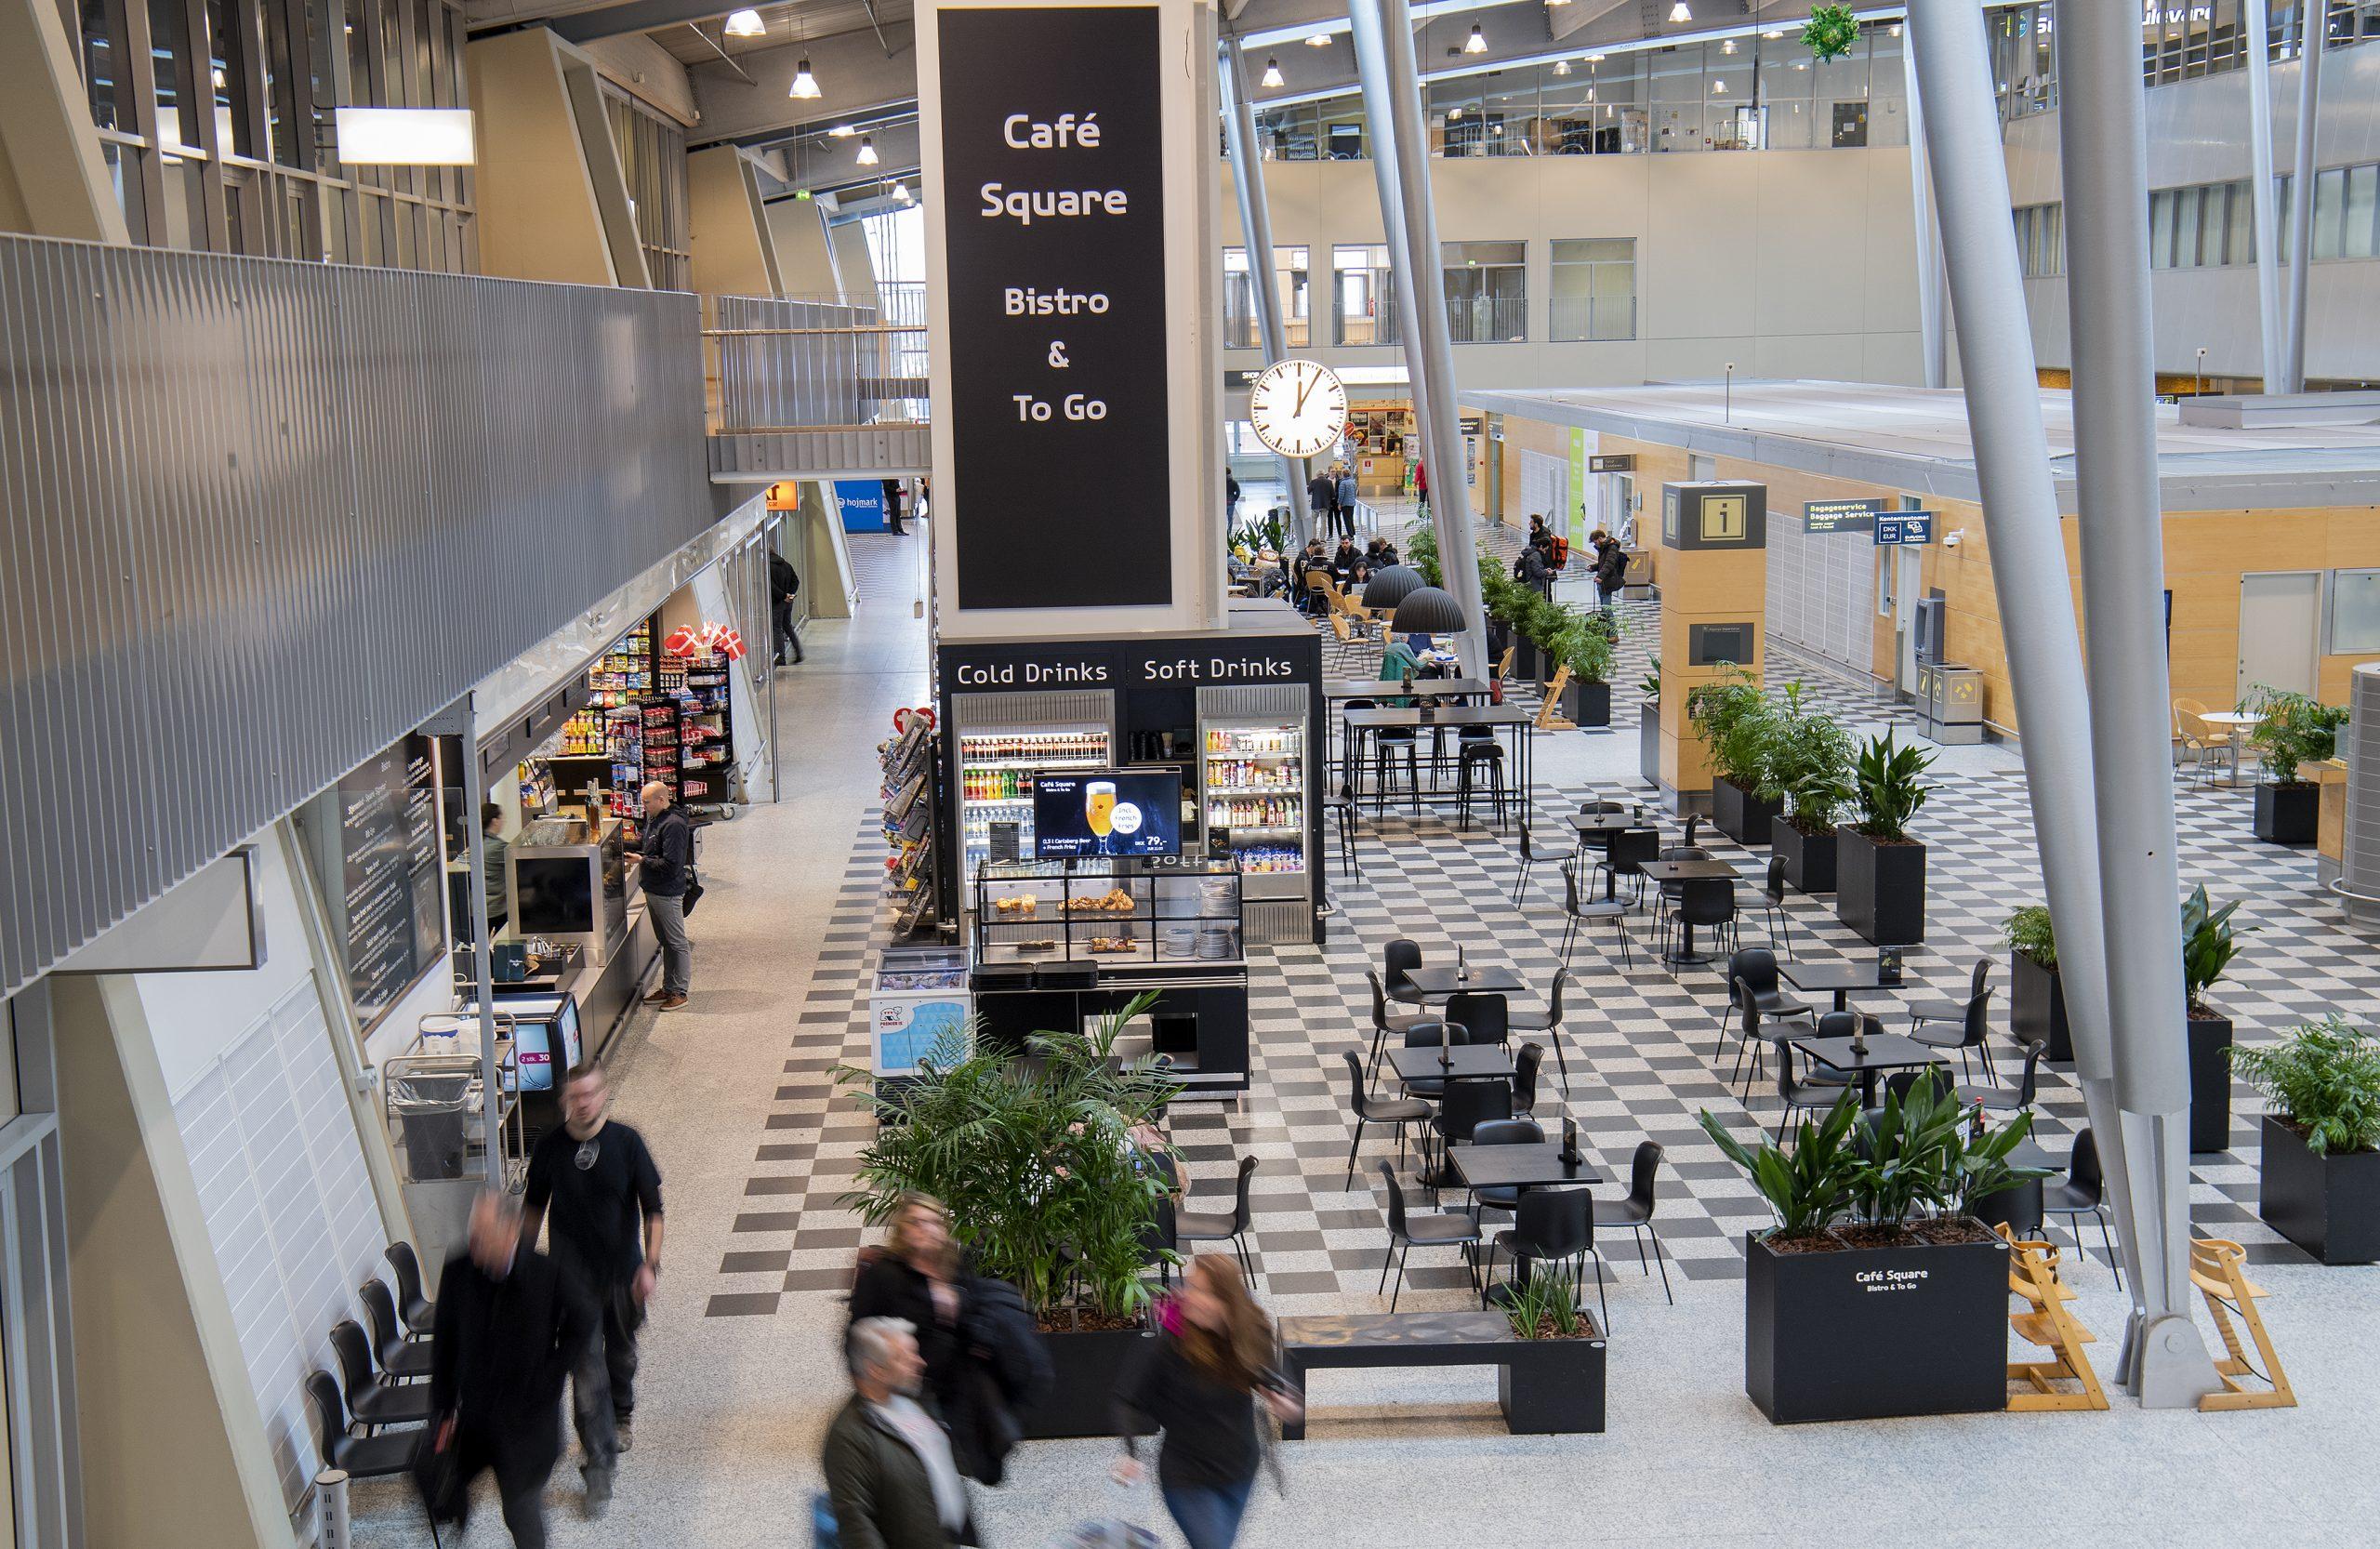 Afgangshallen i Billund Lufthavn. Foto: Billund Lufthavn